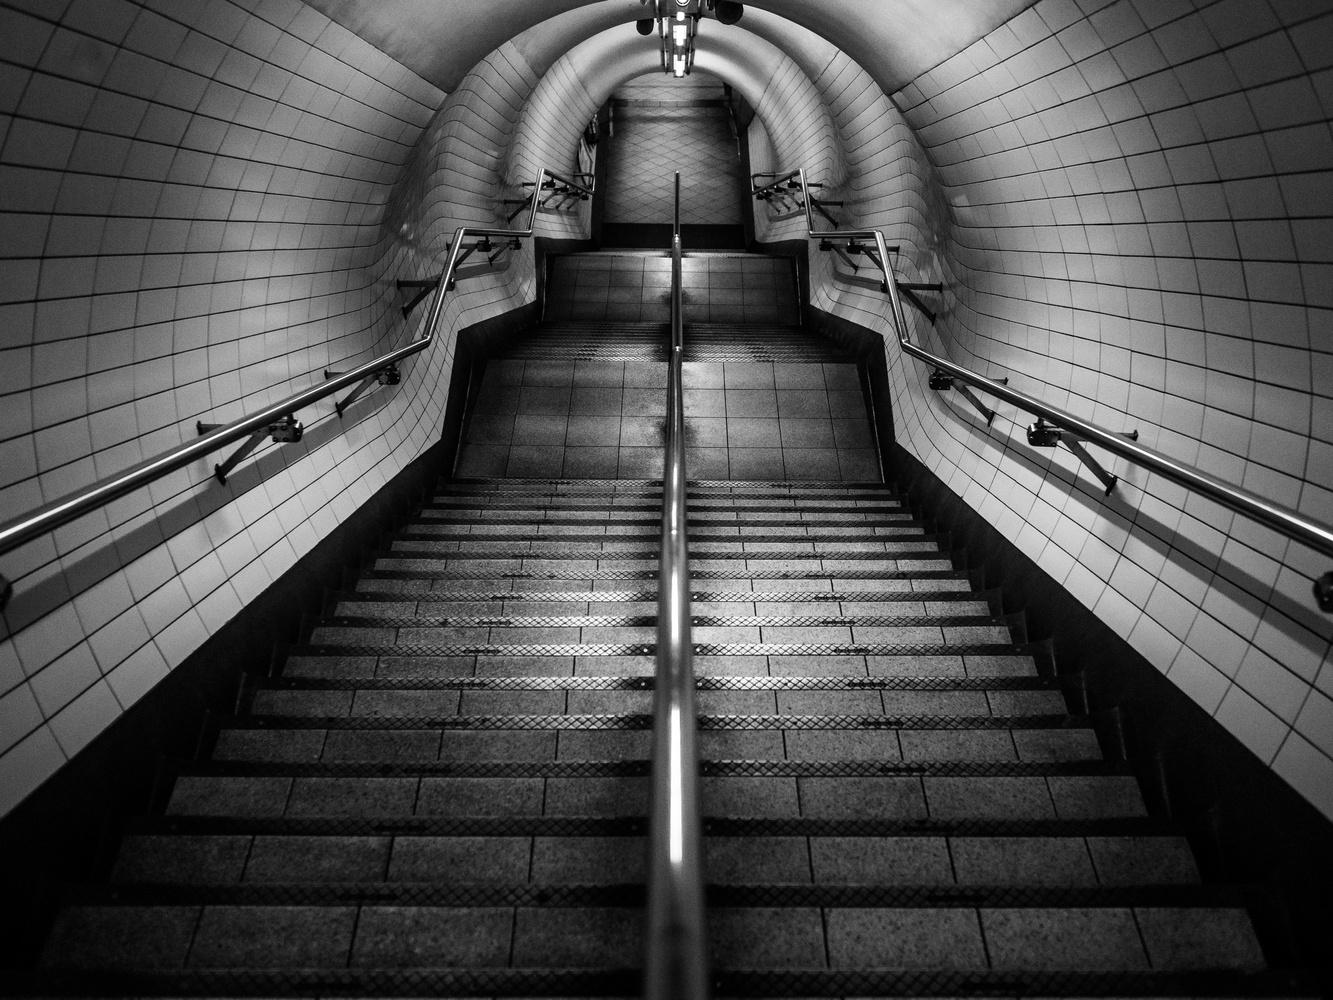 Stairs by Tomasz Kowalski